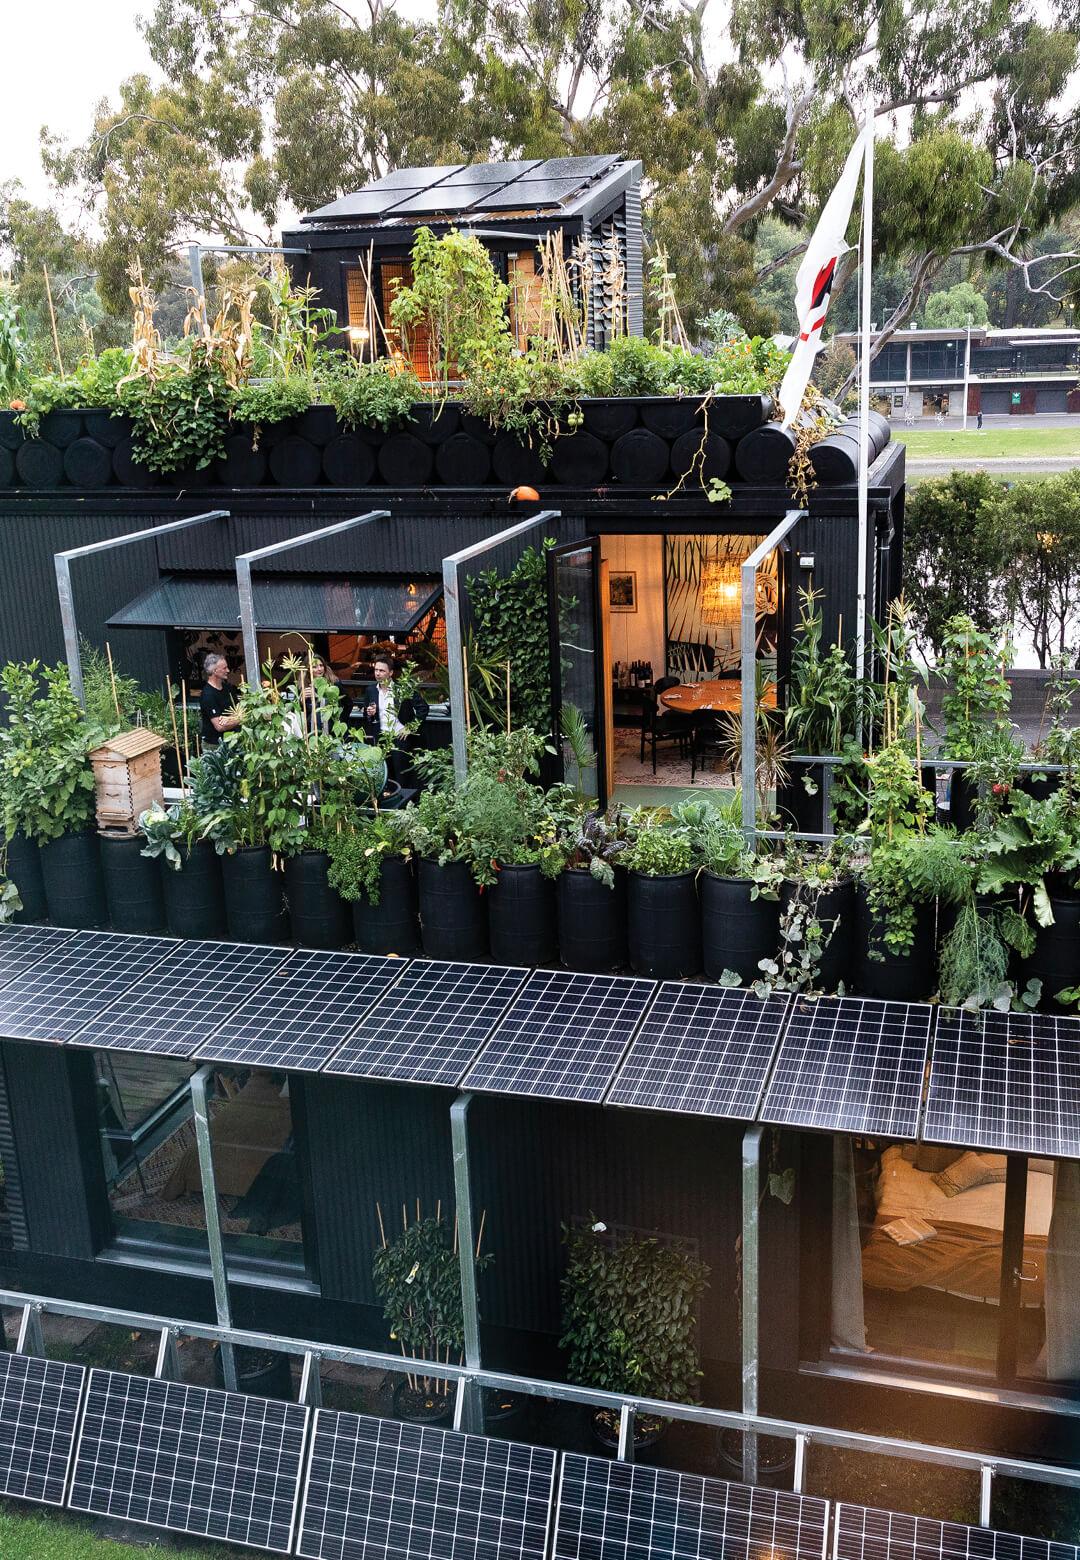 Greenhouse by Joost Bakker | Melbourne Design Week | Timothy Moore | STIRworld